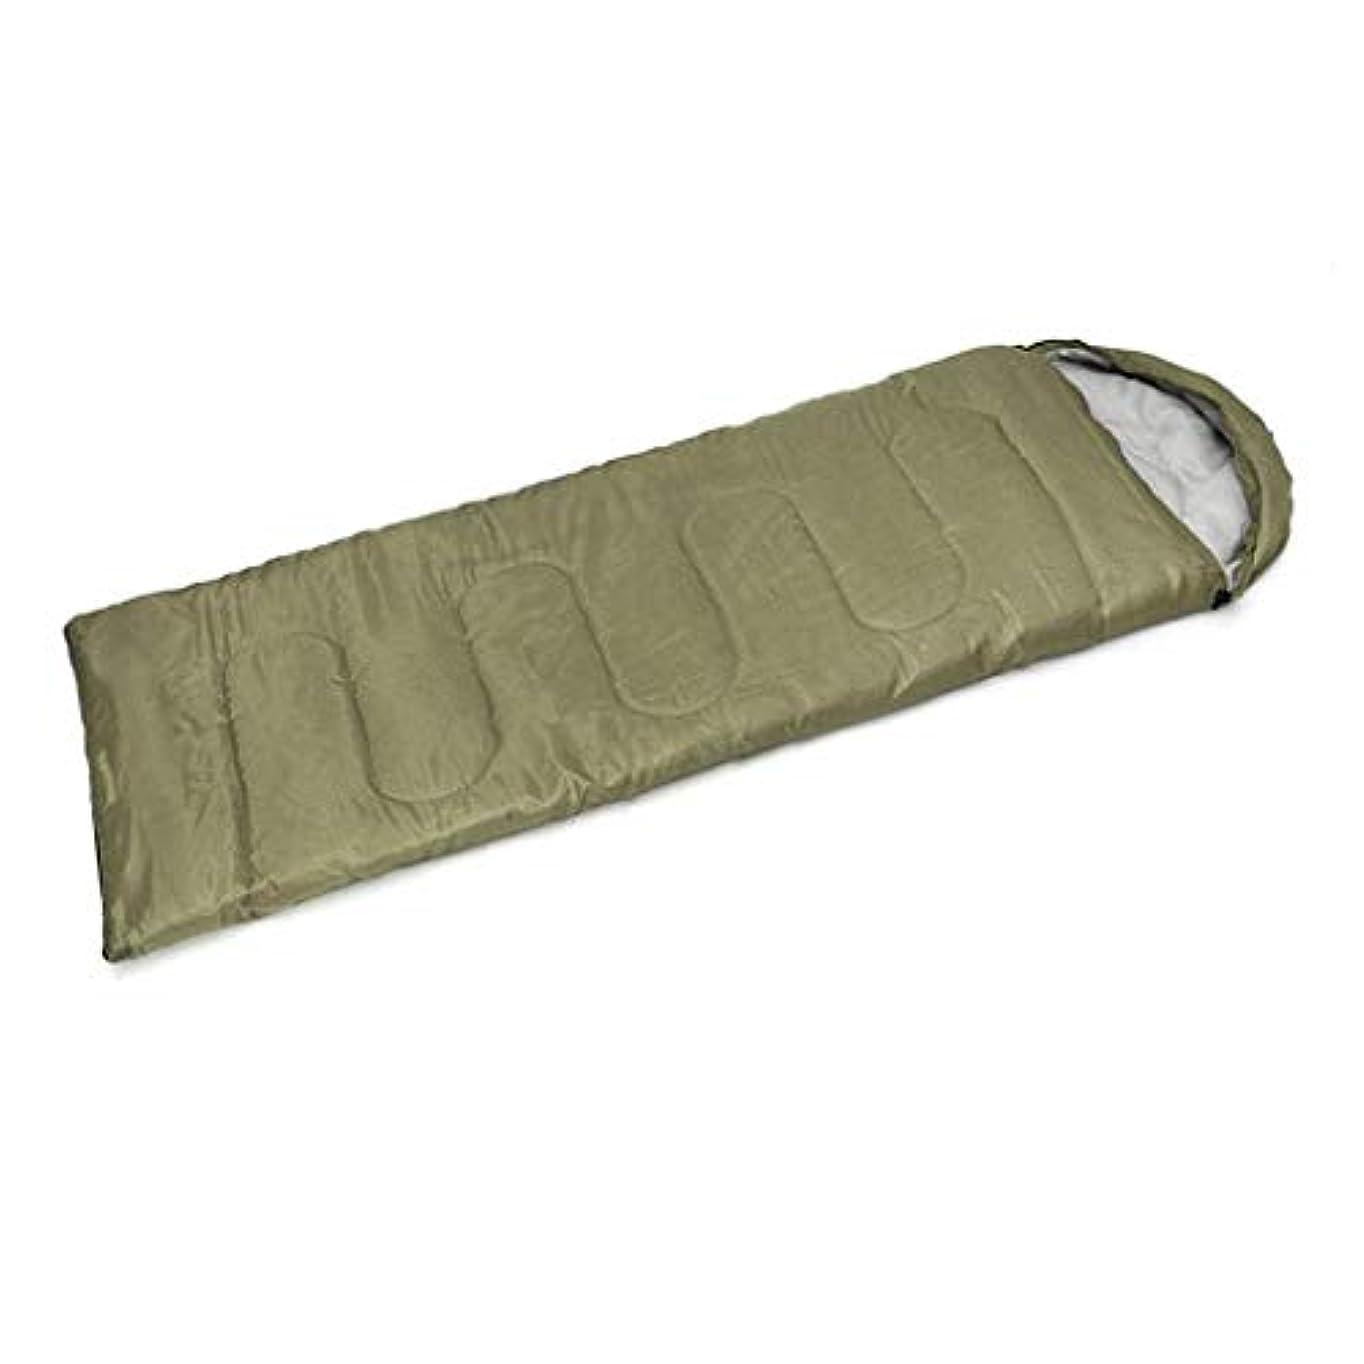 絶対に買うフェミニン封筒フード付き寝袋夏のキャンプアウトドアレジャー通気性防水ポータブル収納袋 (色 : 緑)